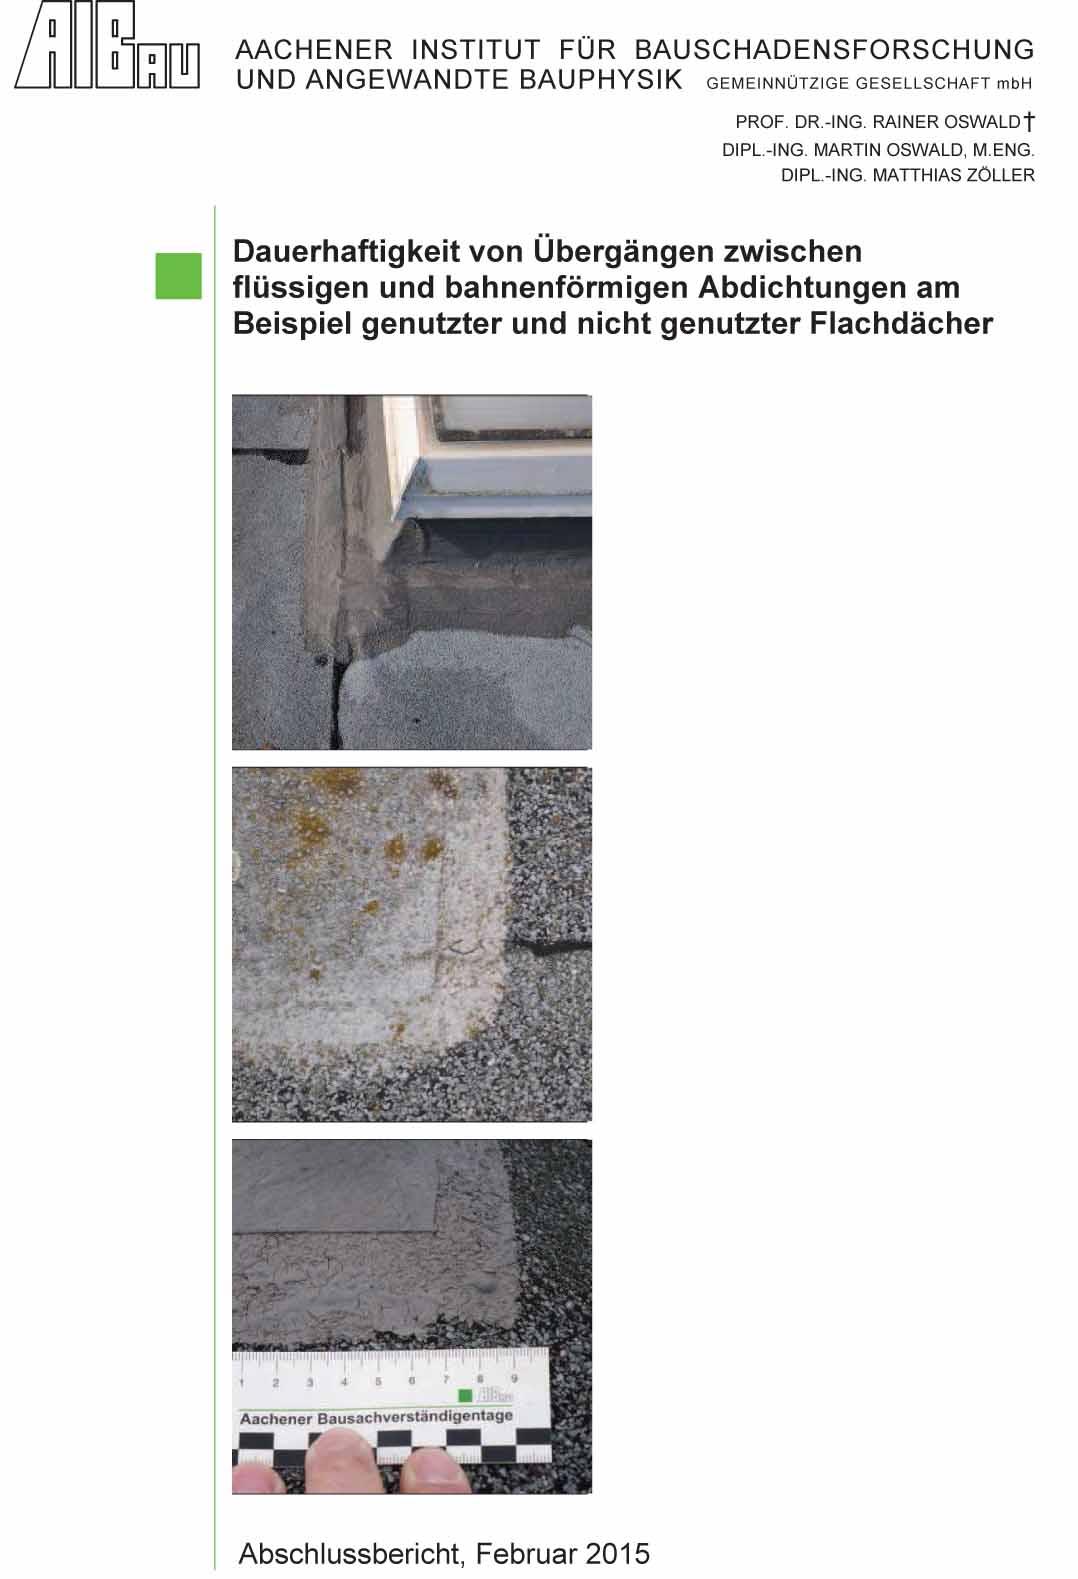 Dauerhaftigkeit von Übergängen zwischen flüssigen und bahnenförmigen Abdichtungen am Beispiel genutzter und nicht genutzter Flachdächer